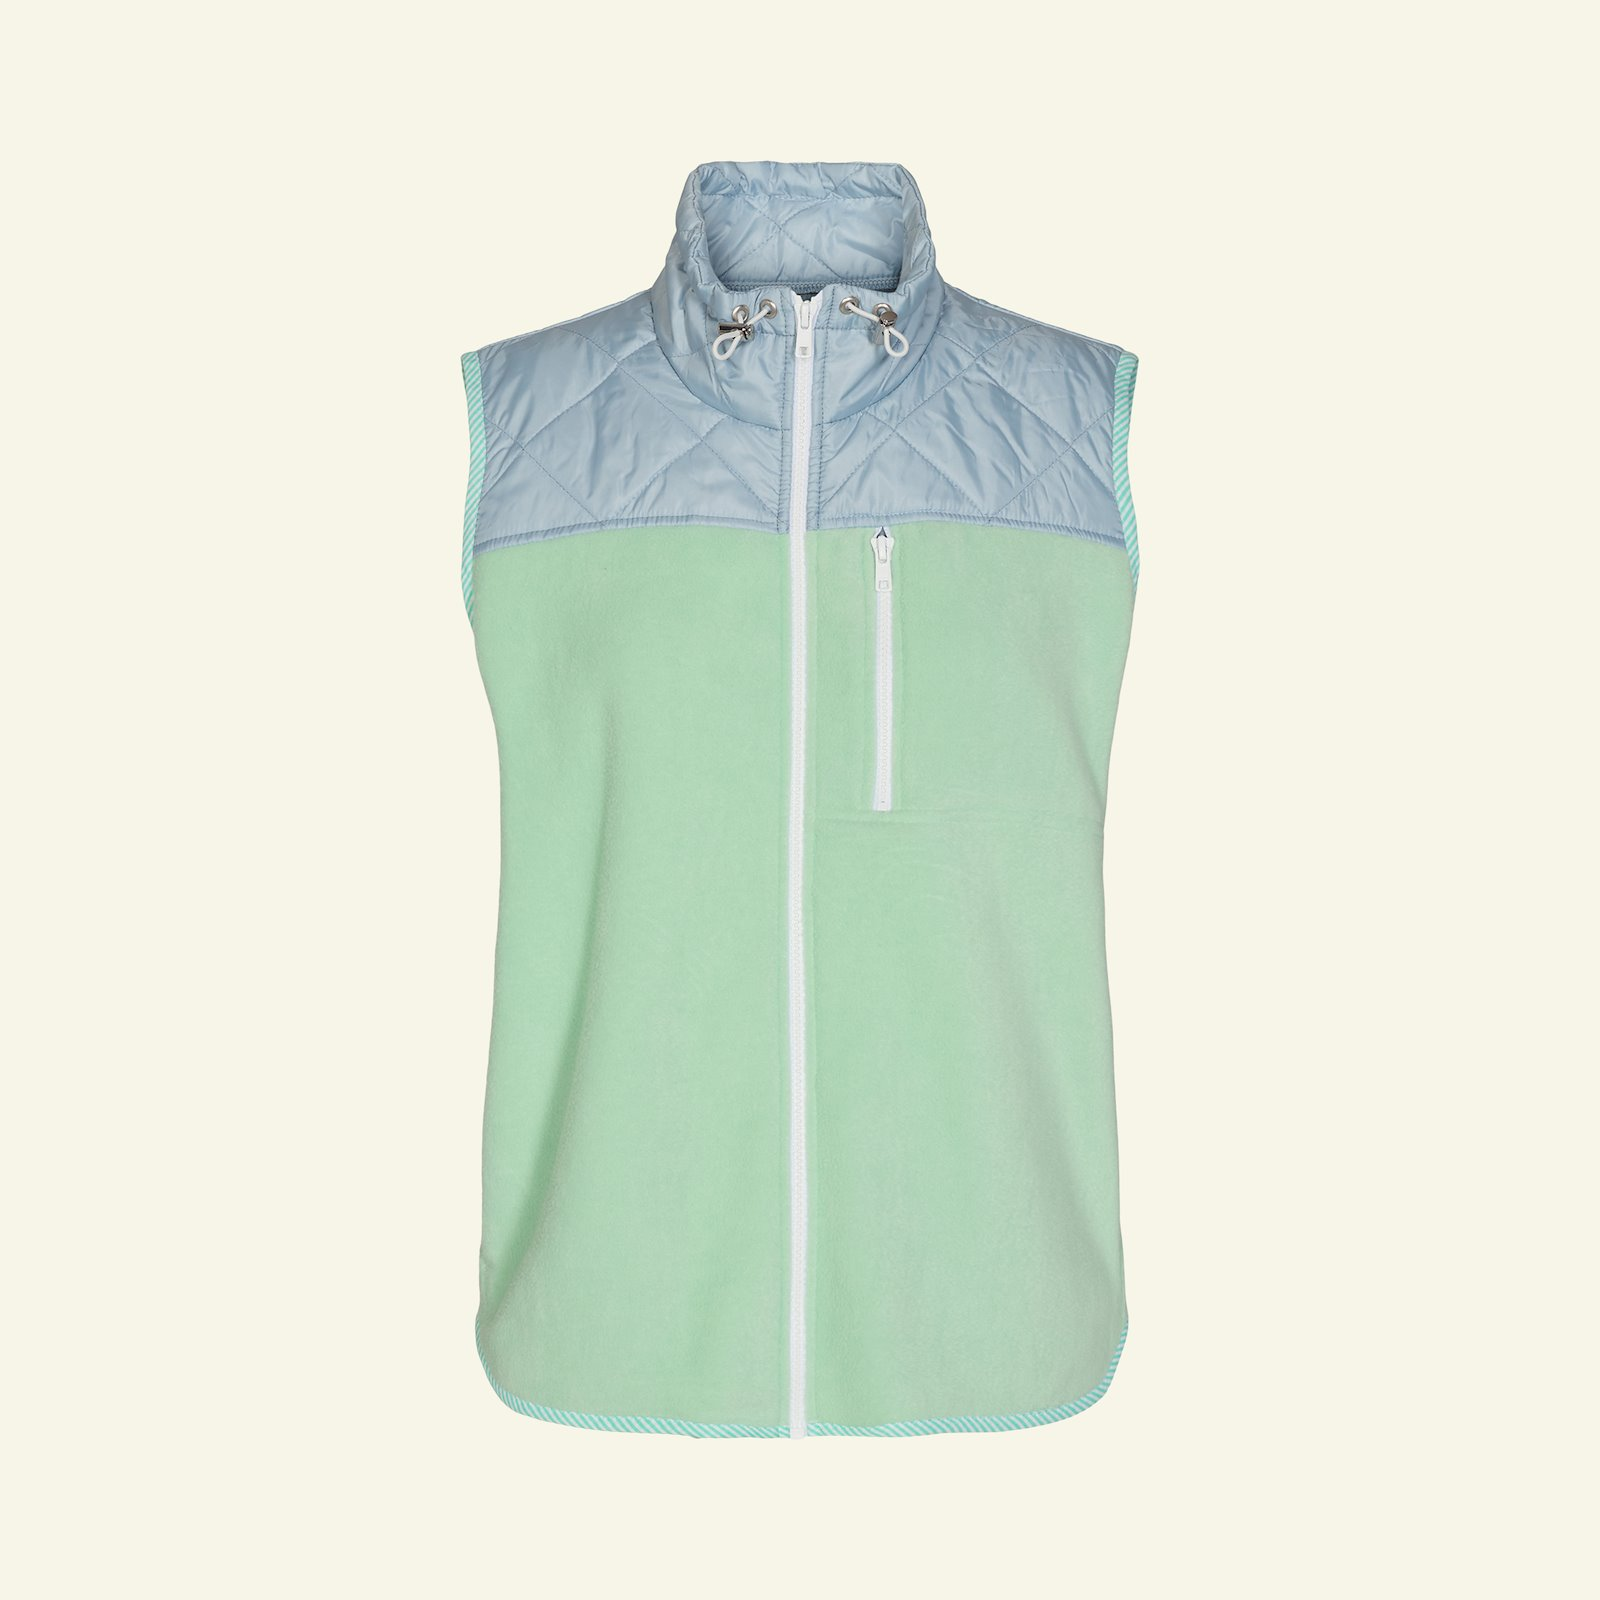 Jacket and waistcoat, 40/12 p24049_920225_220649_64108_sskit